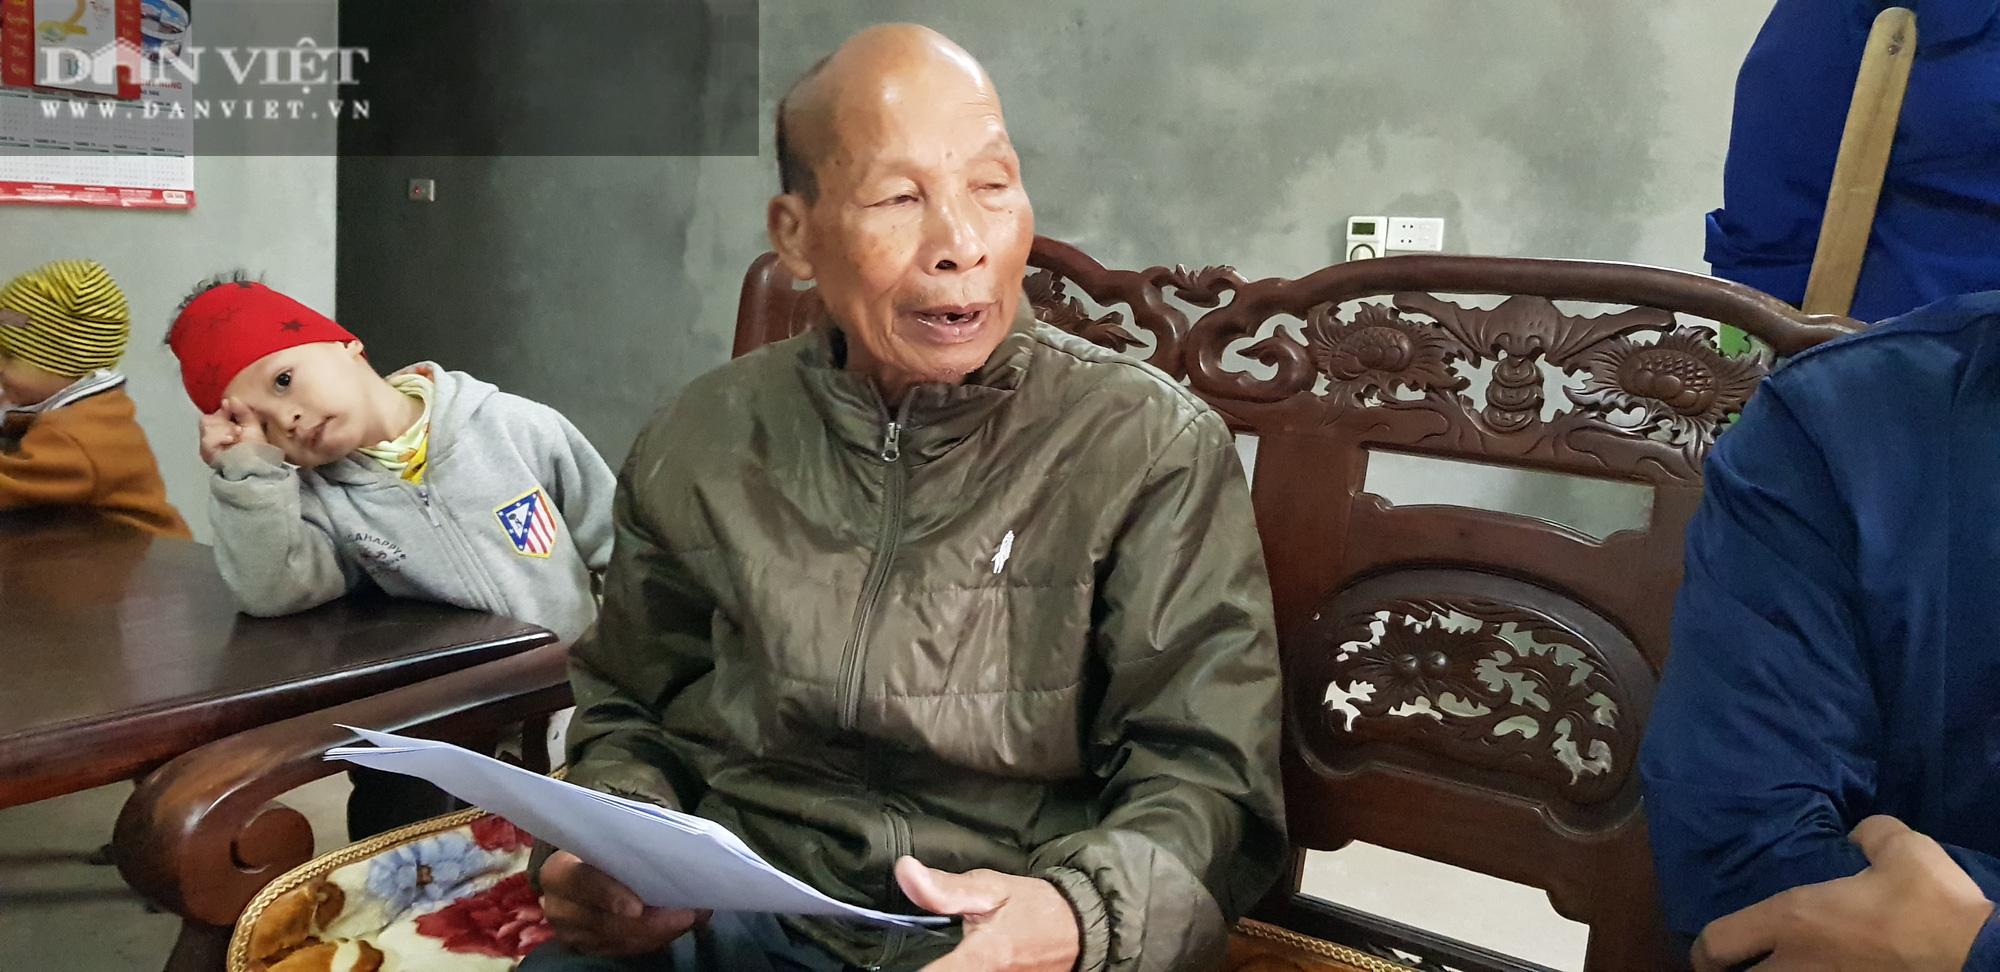 """Phú Thọ: Cuộc sống của gần trăm hộ dân bị """"treo"""" theo dự án """"treo"""" suốt 17 năm - Ảnh 3."""